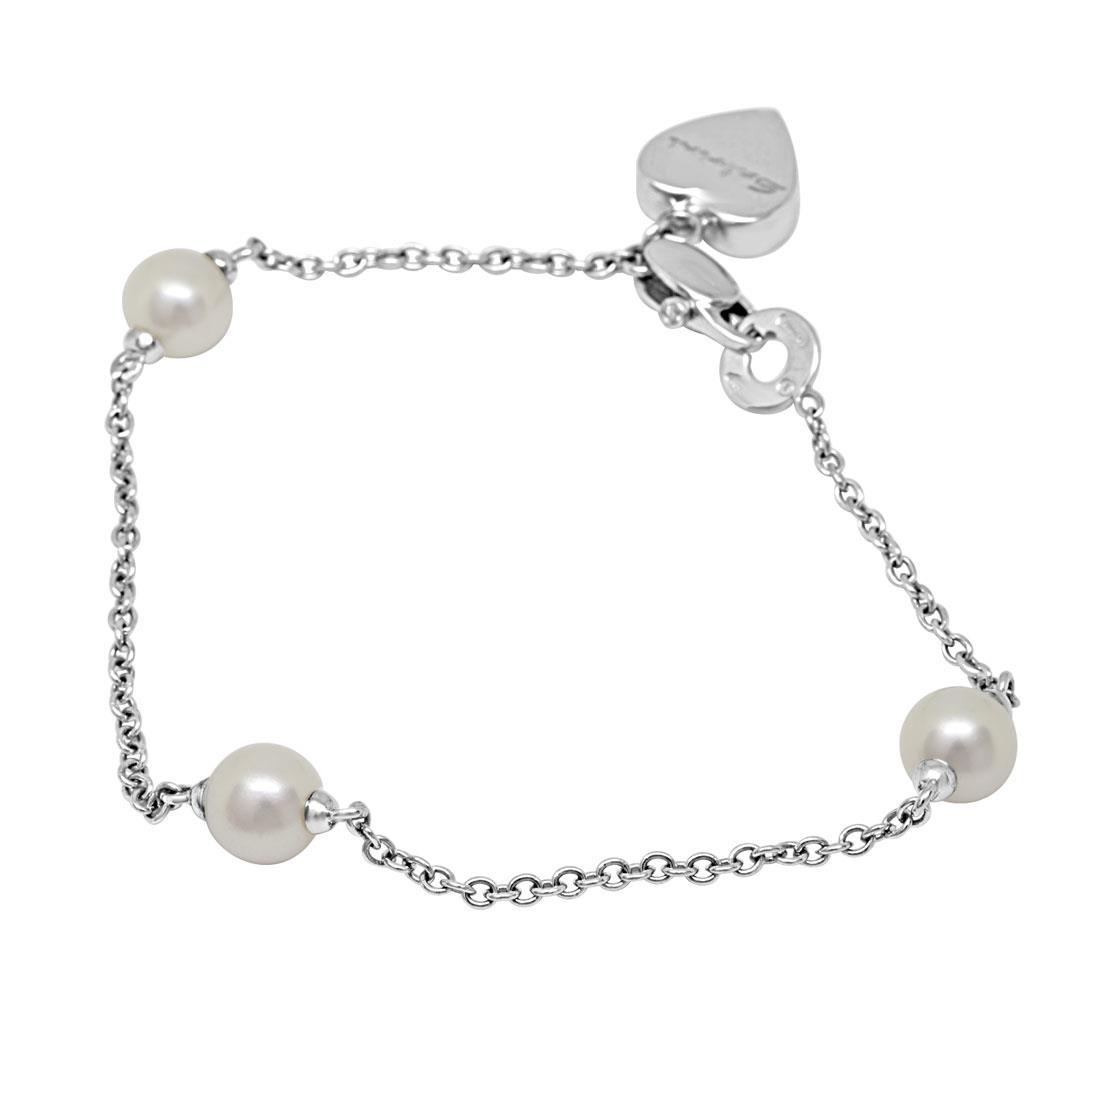 Bracciale in oro bianco con diamanti ct 0.23 e perle - SALVINI